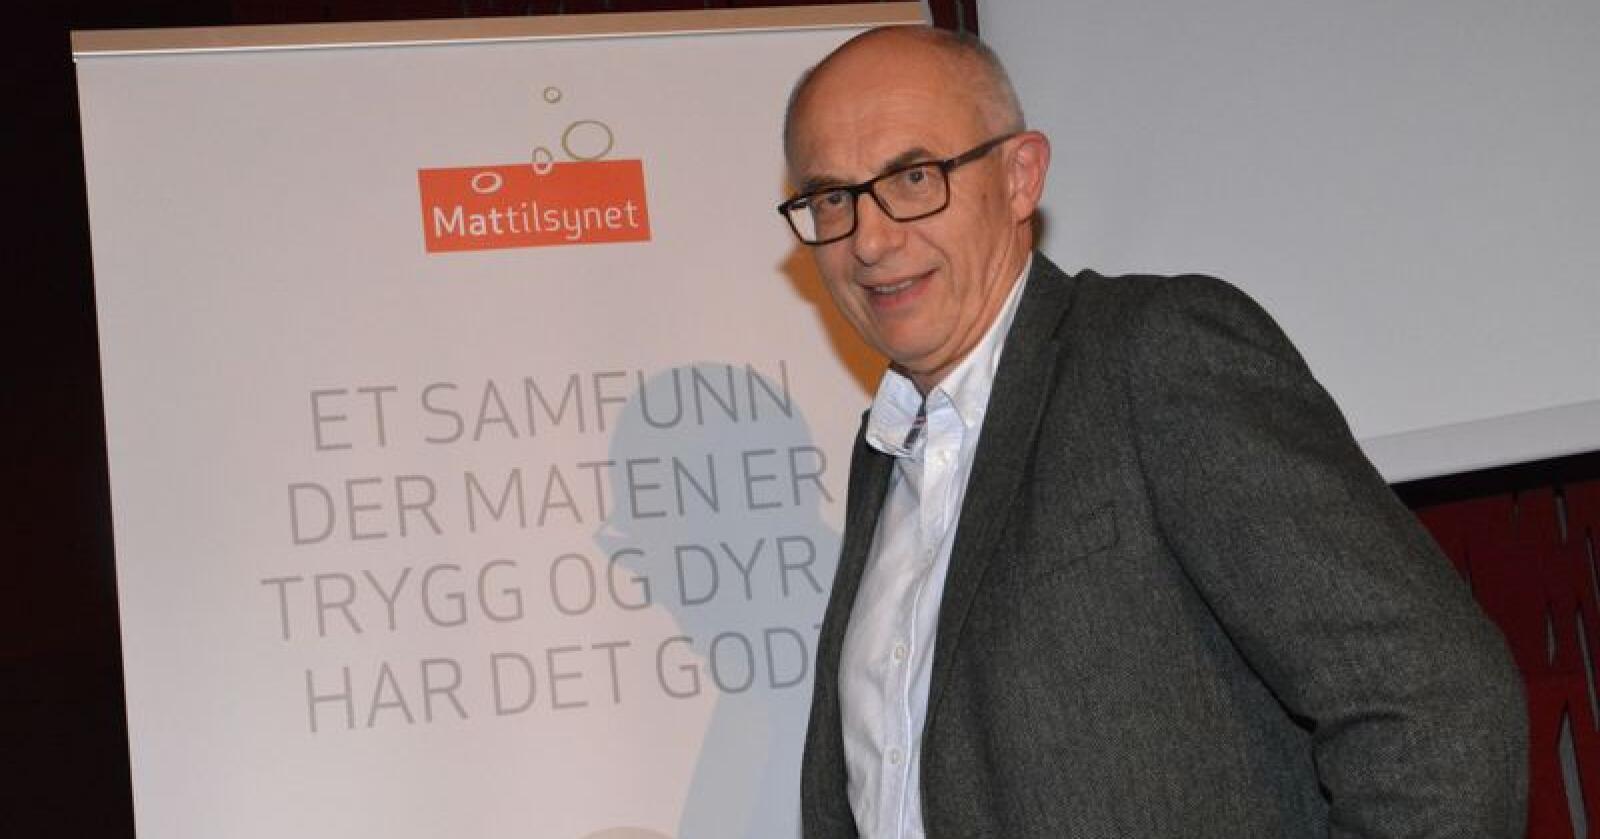 Harald Gjein har vært administrerende direktør i Mattilsynet siden 15. april 2011. (Foto: Anders Sandbu)